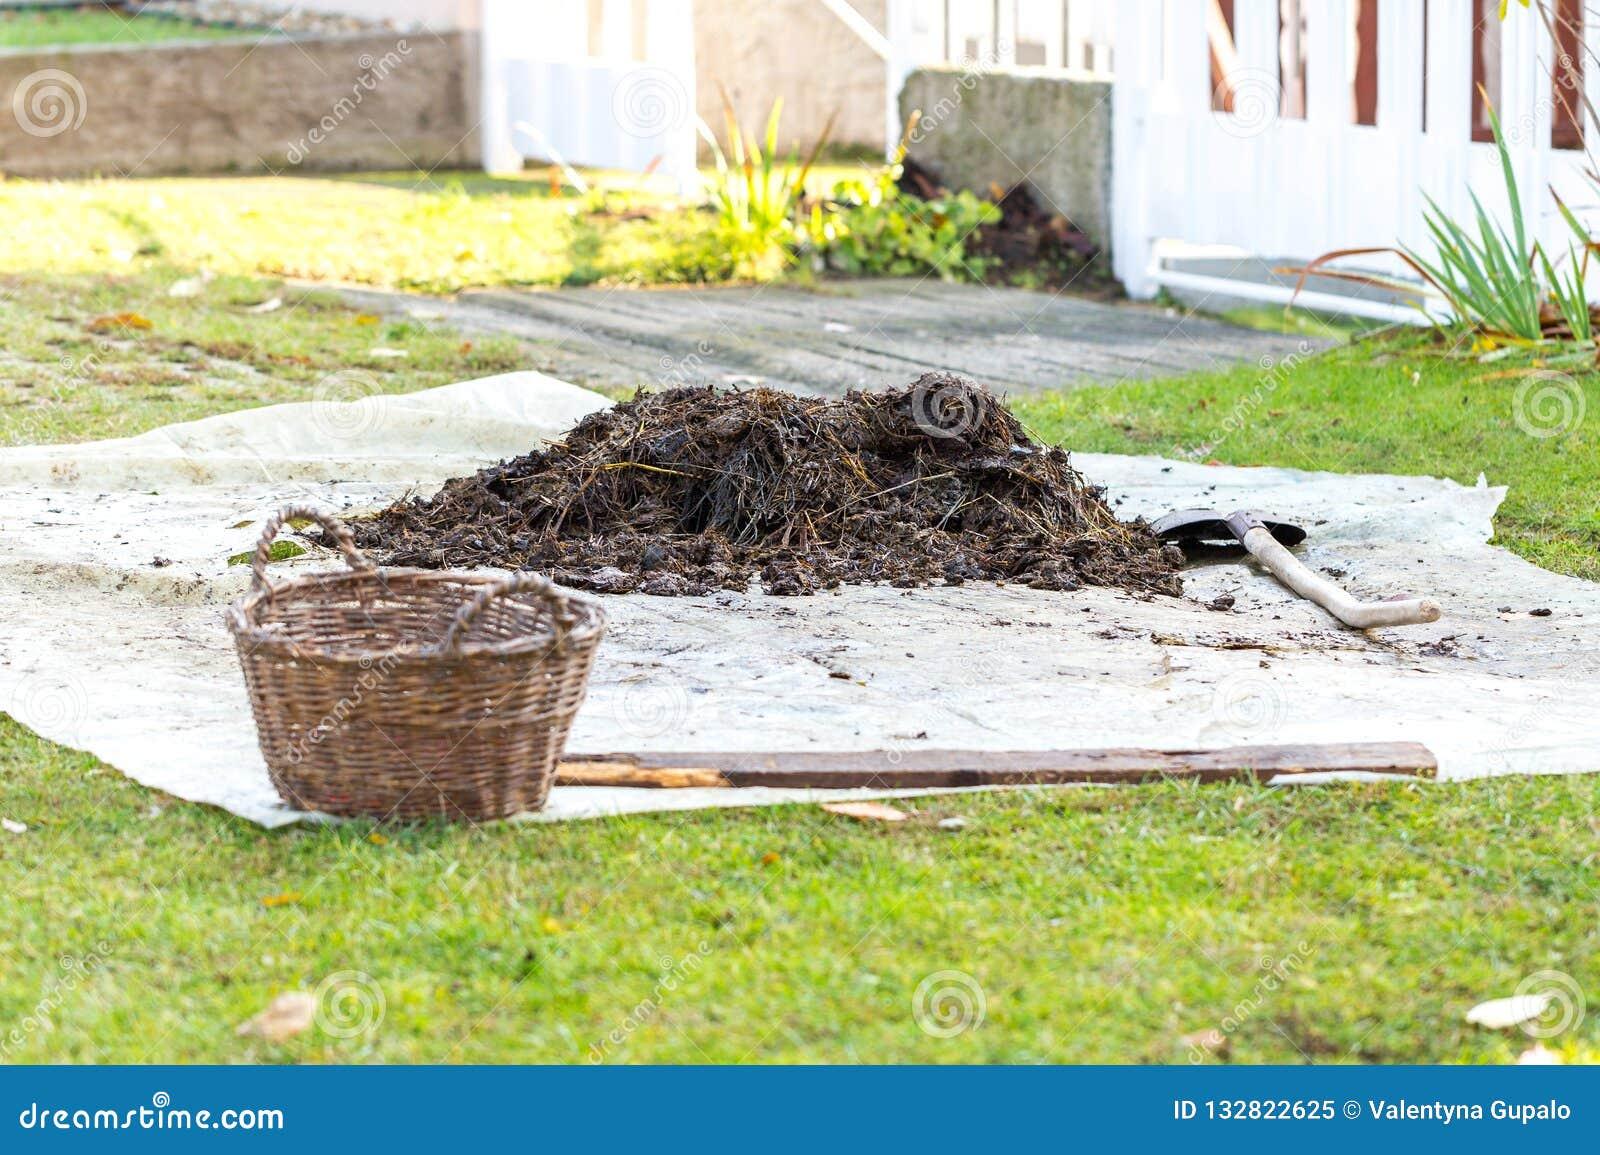 Petite pile d engrais décomposé sur la bâche dans la cour Pelle et panier à jardin près de tas Concept de l agriculture biologiqu